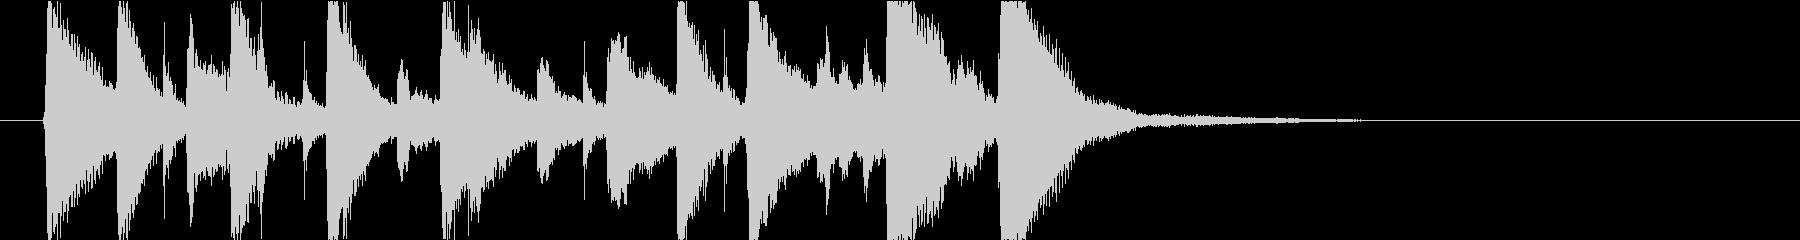 いたずらっぽく楽しいミディアムスイング2の未再生の波形